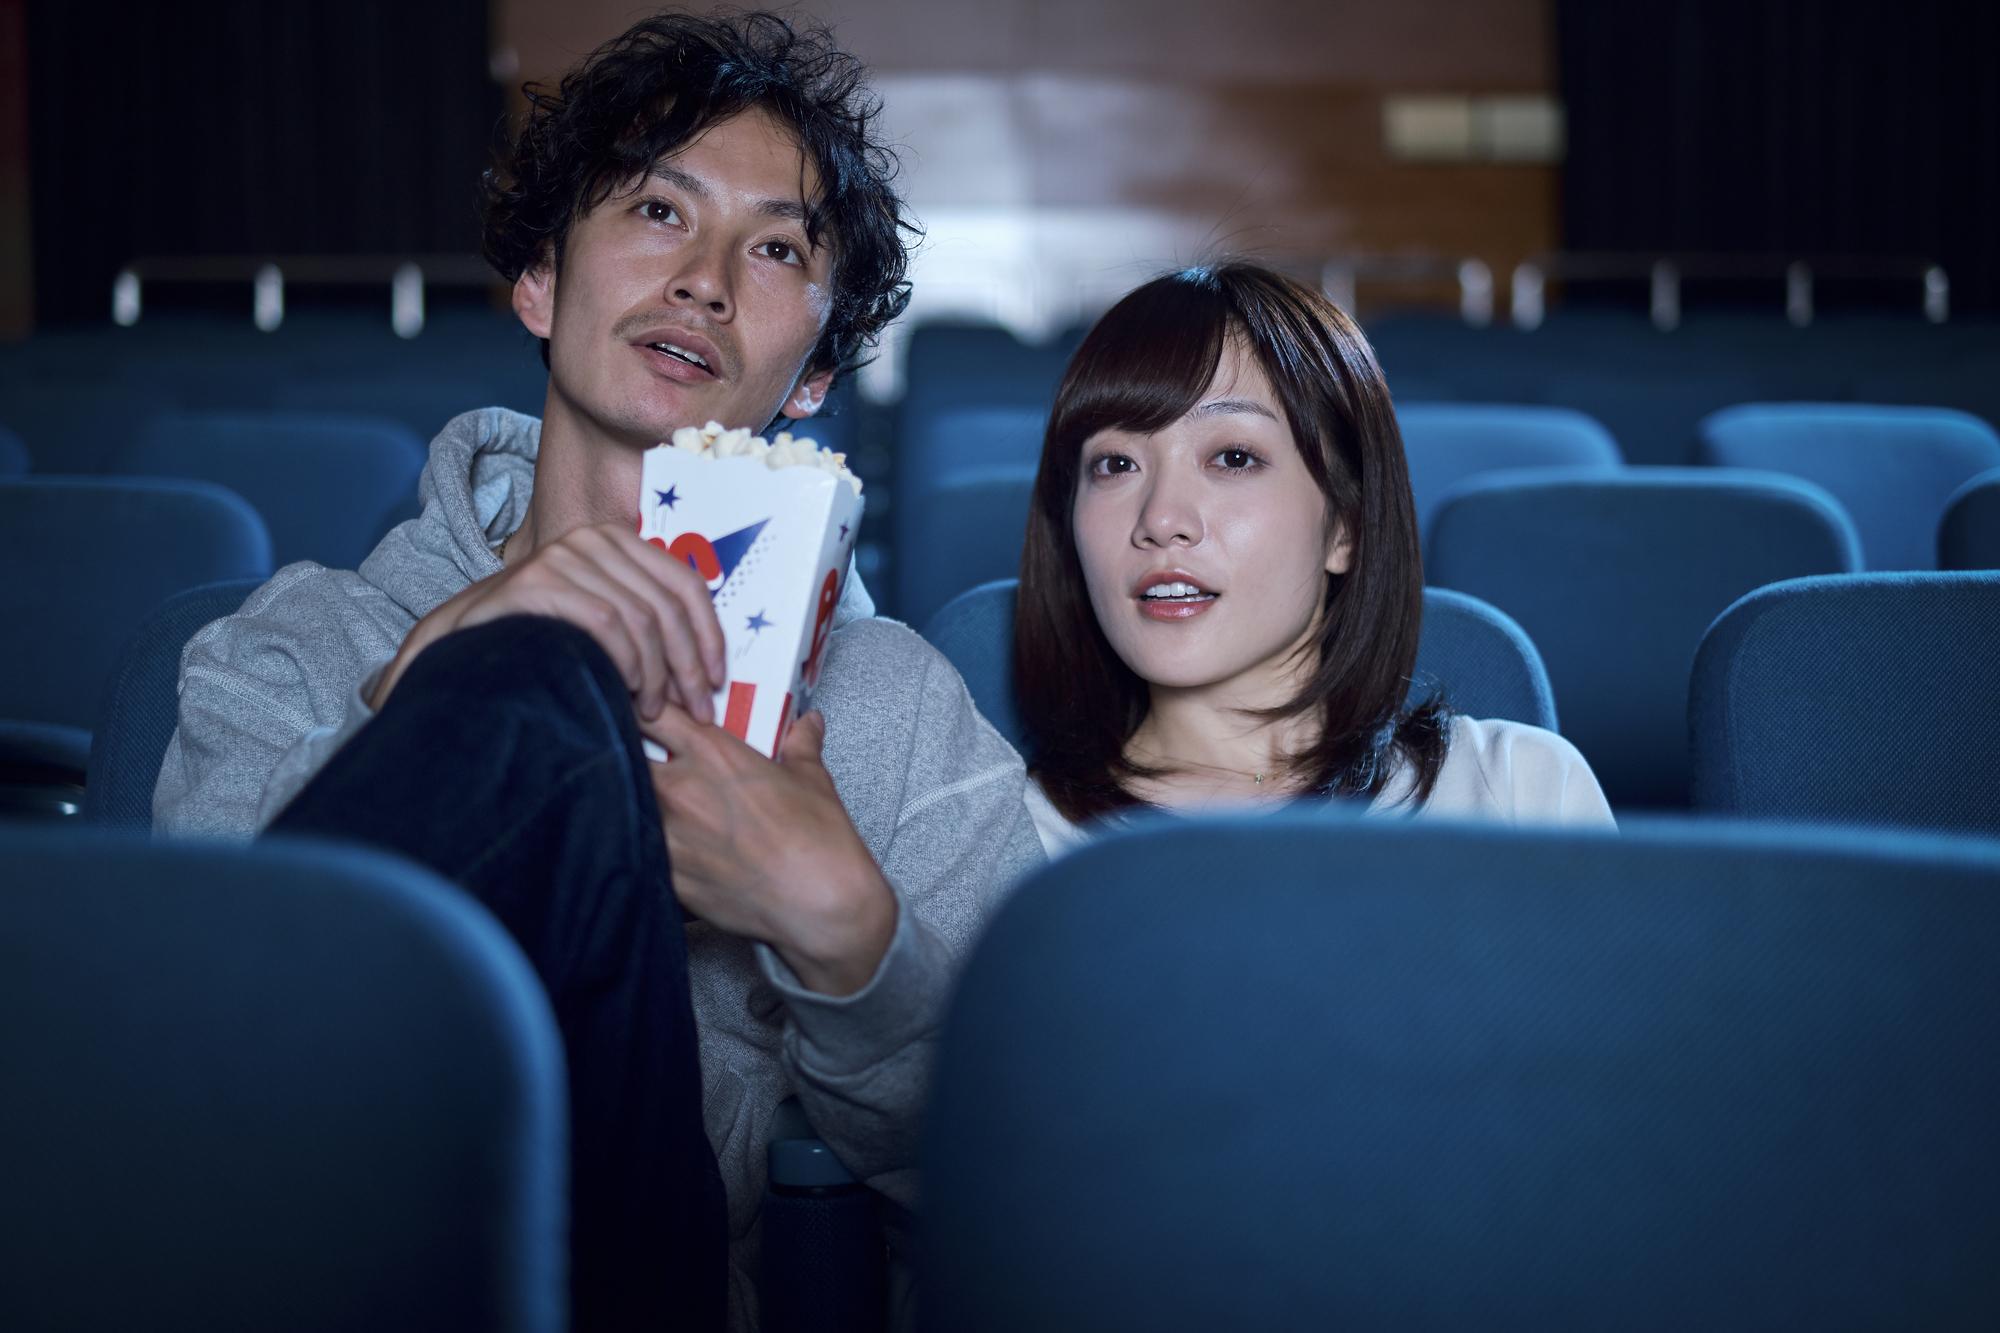 映画の学割・TOHOシネマ・イオンシネマが割引になるクレジットカード紹介!特に学生さんには嬉しいかも…【映画が無料になるカードも】